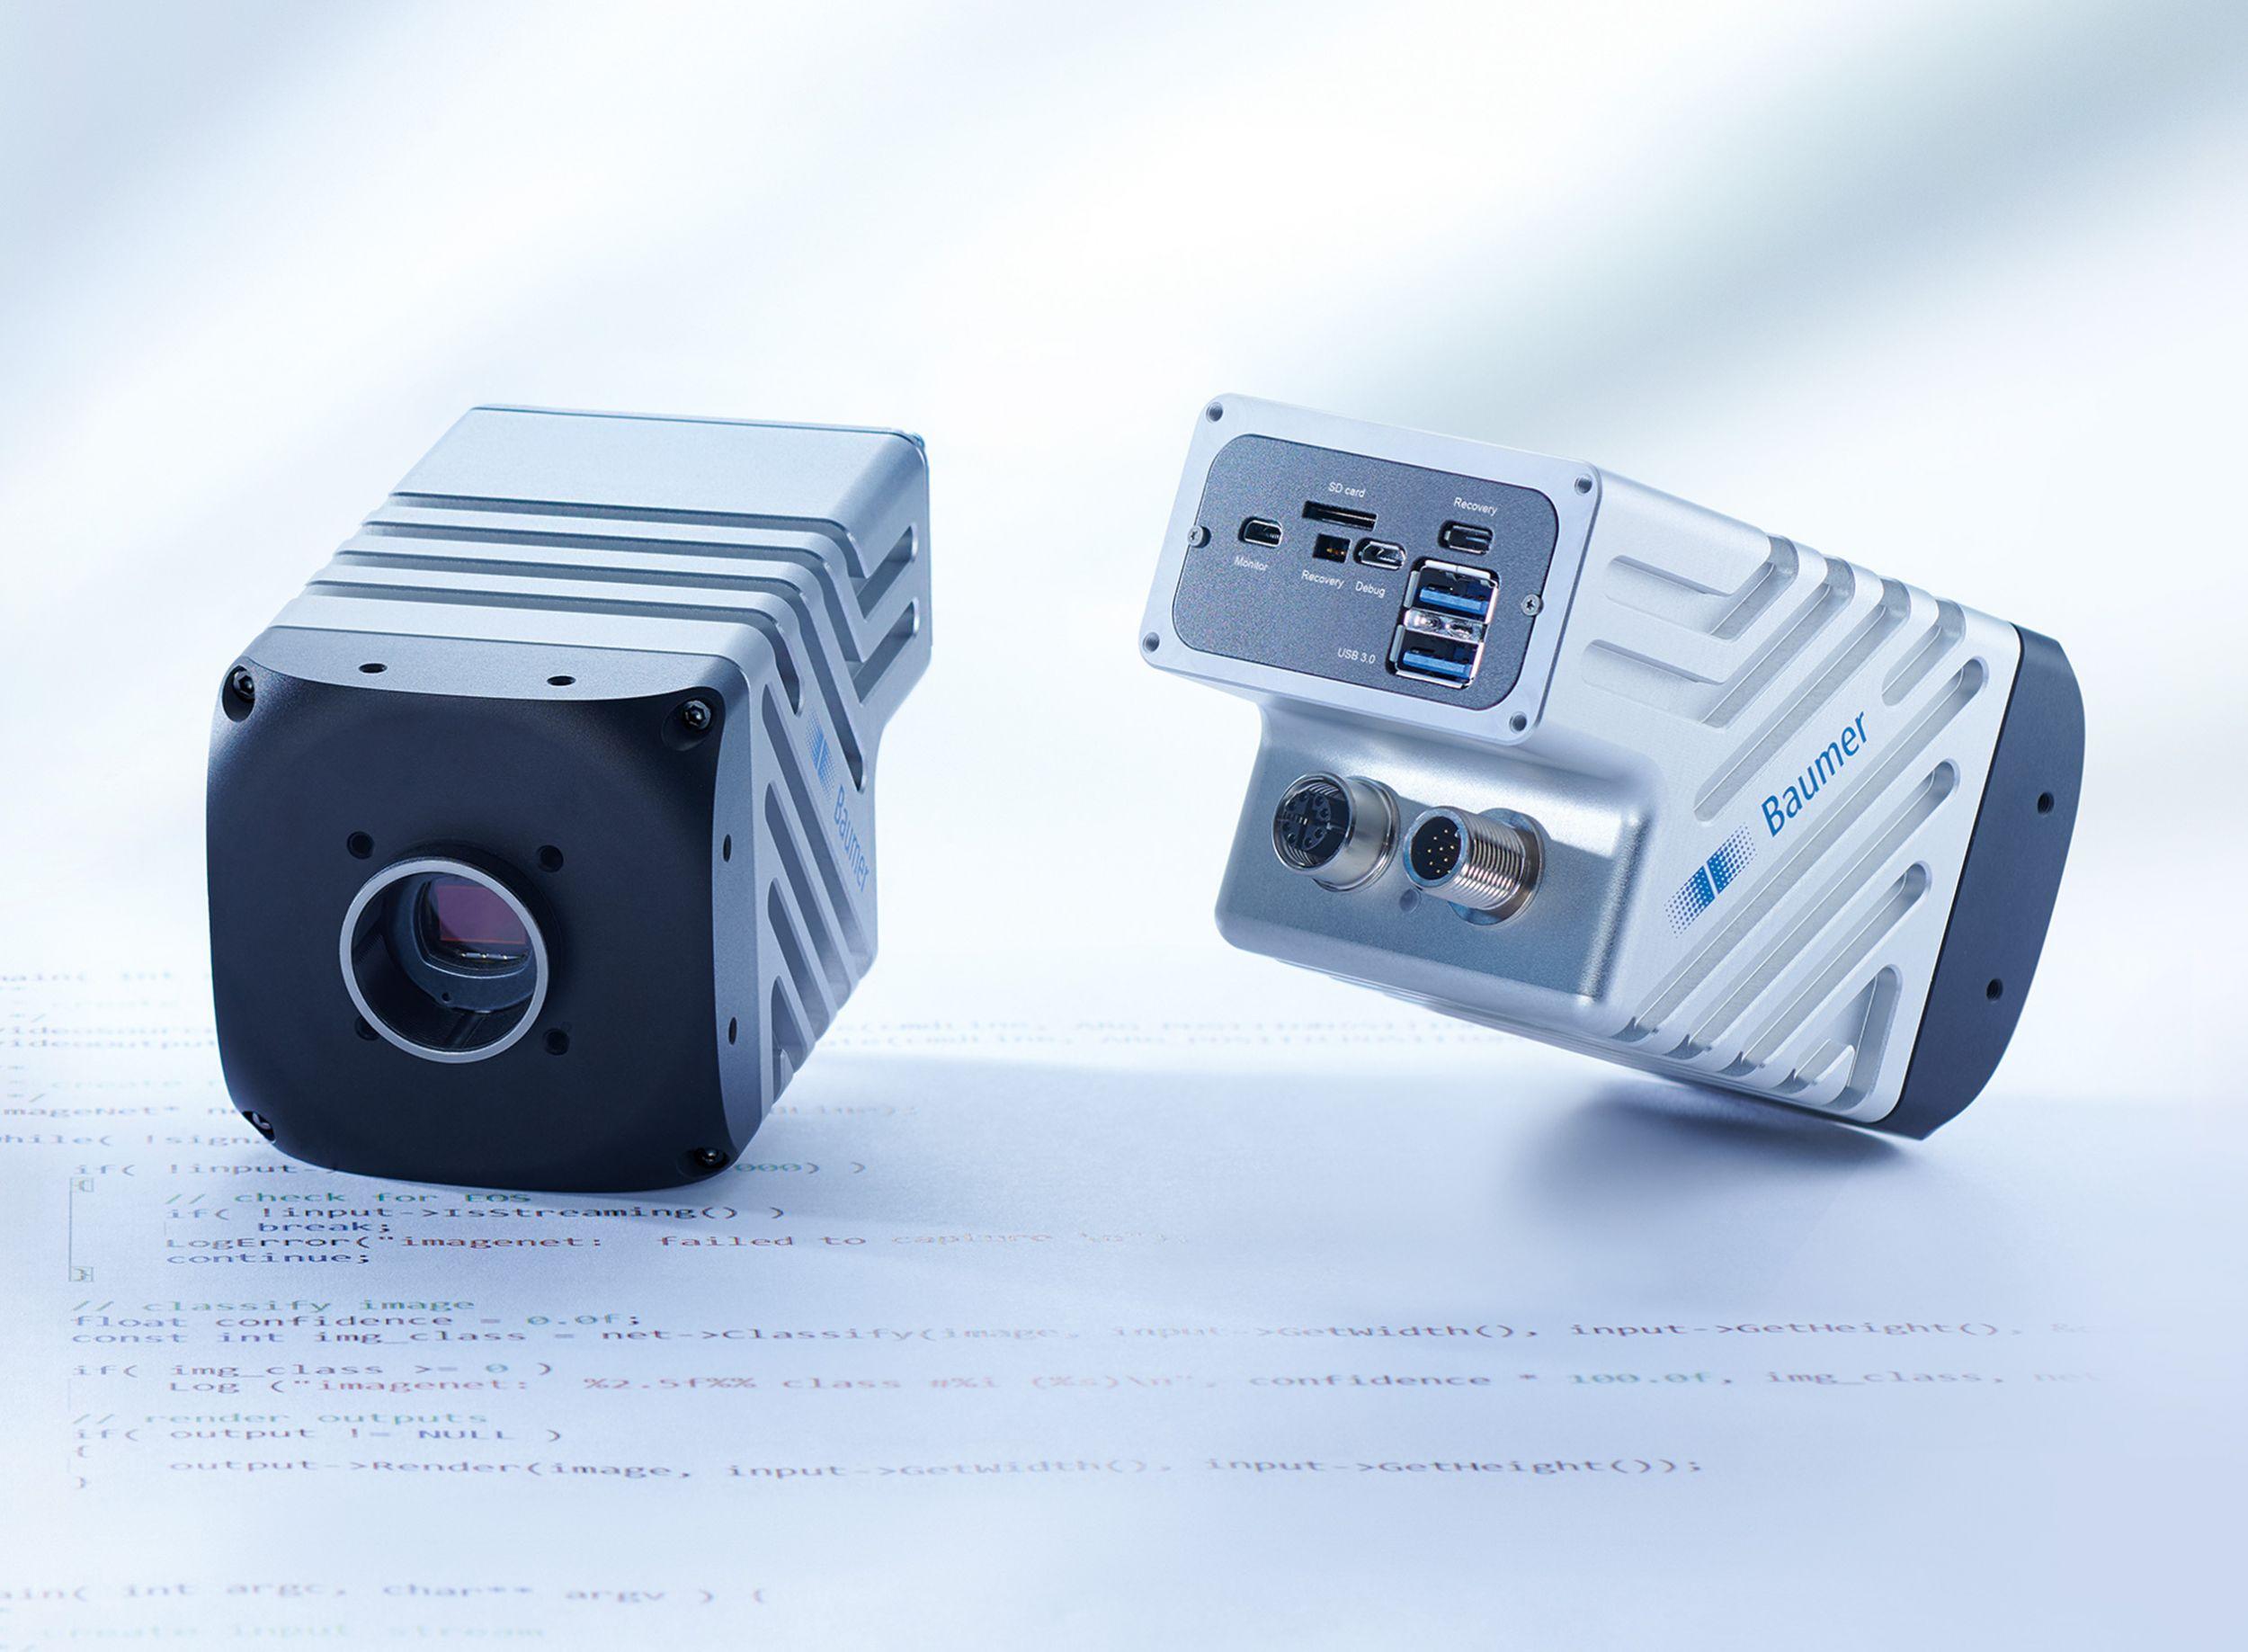 Smarte KI-Kamera für Objekt-Klassifizierungen mit bis zu 300fps